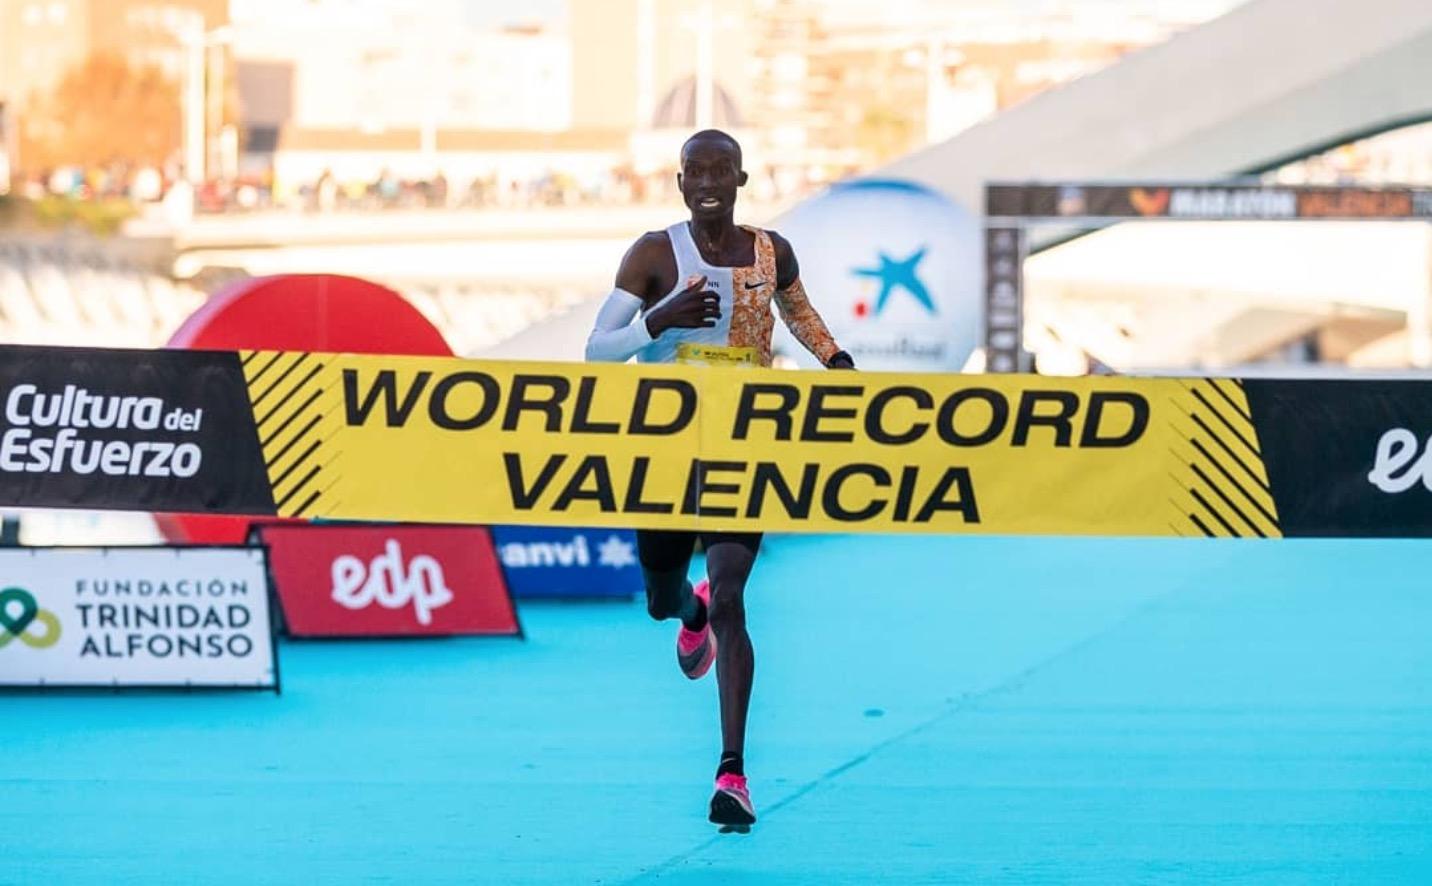 26分38秒路跑十公里新纪录诞生 莫法拉重回跑道剑指东京奥运奖牌| 跑圈十件事